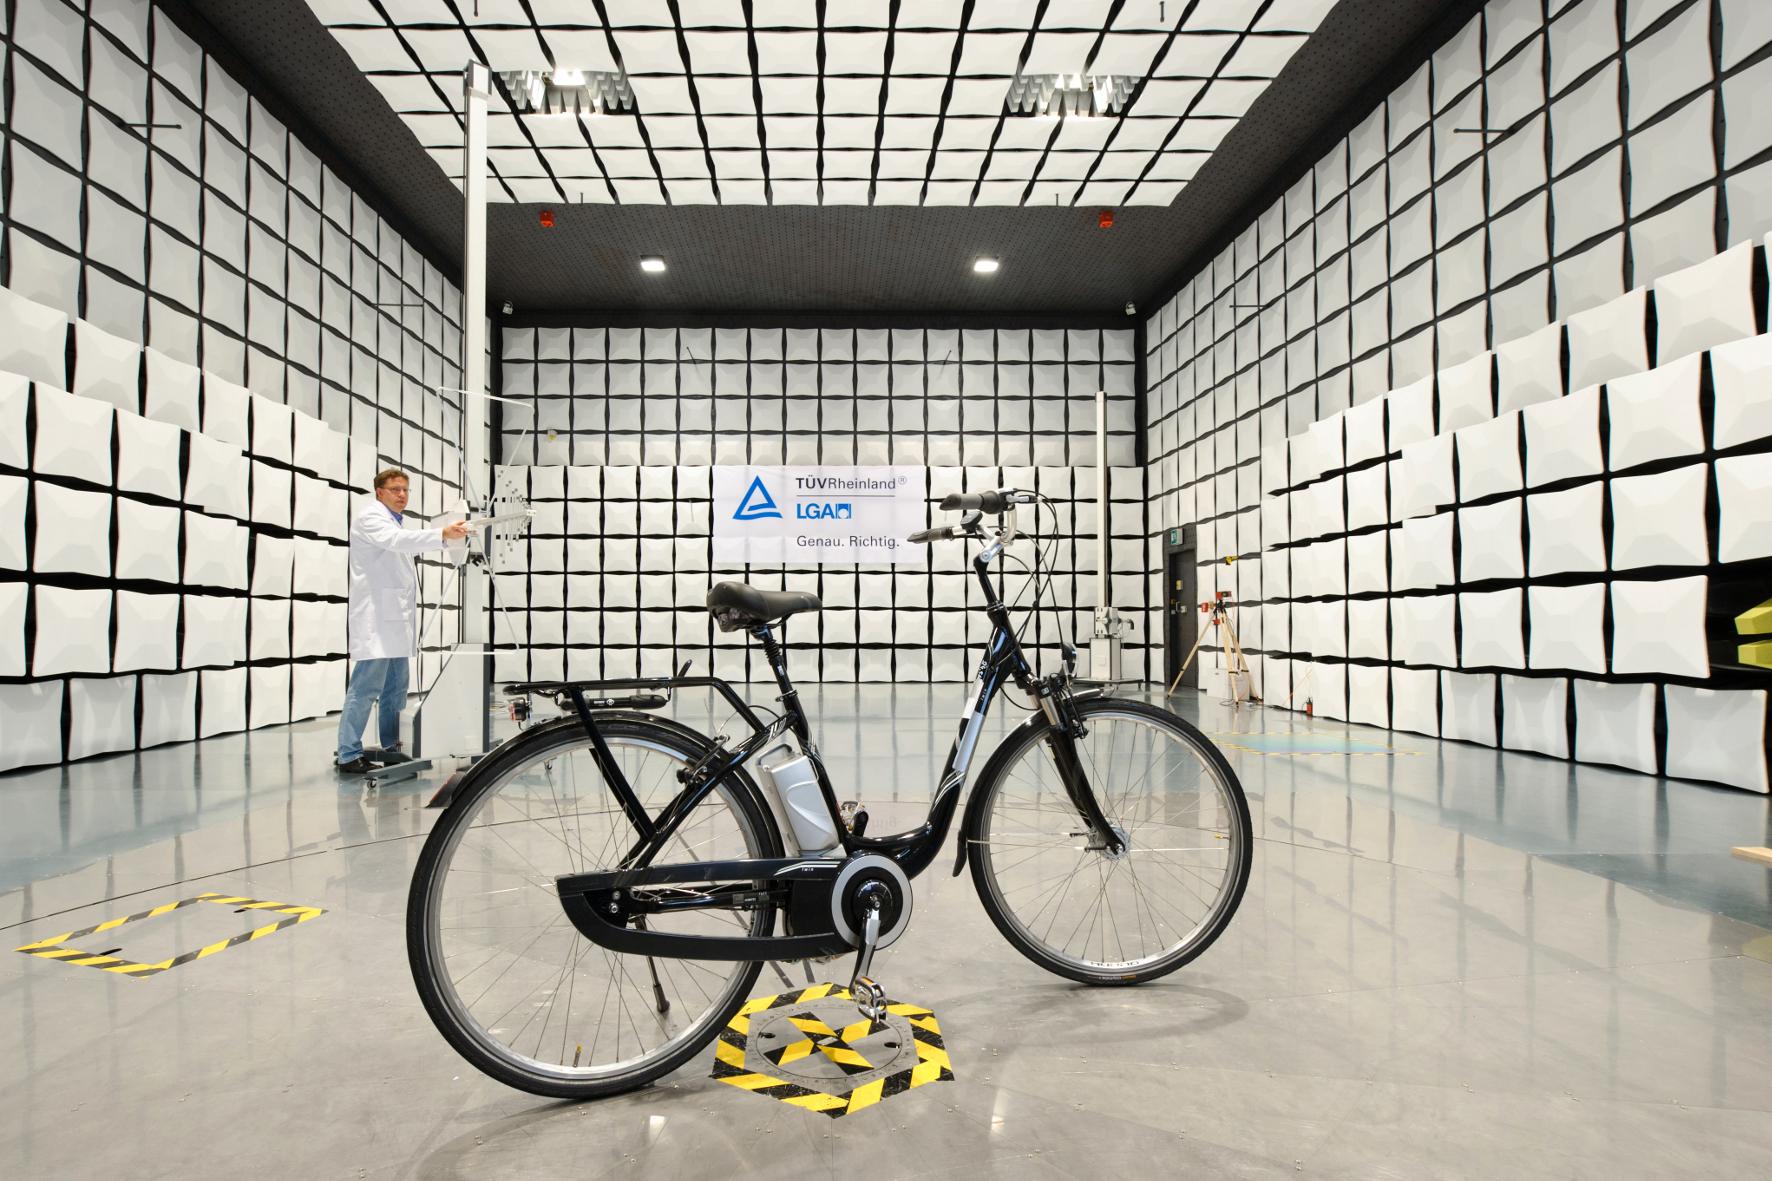 """mid Groß-Gerau - Ein Elektro-Fahrrad mit """"TÜV-Siegel"""" beweist, dass das Rad auf sichere Mechanik und Elektrik sowie auf Giftstoffe im Material geprüft wurde."""